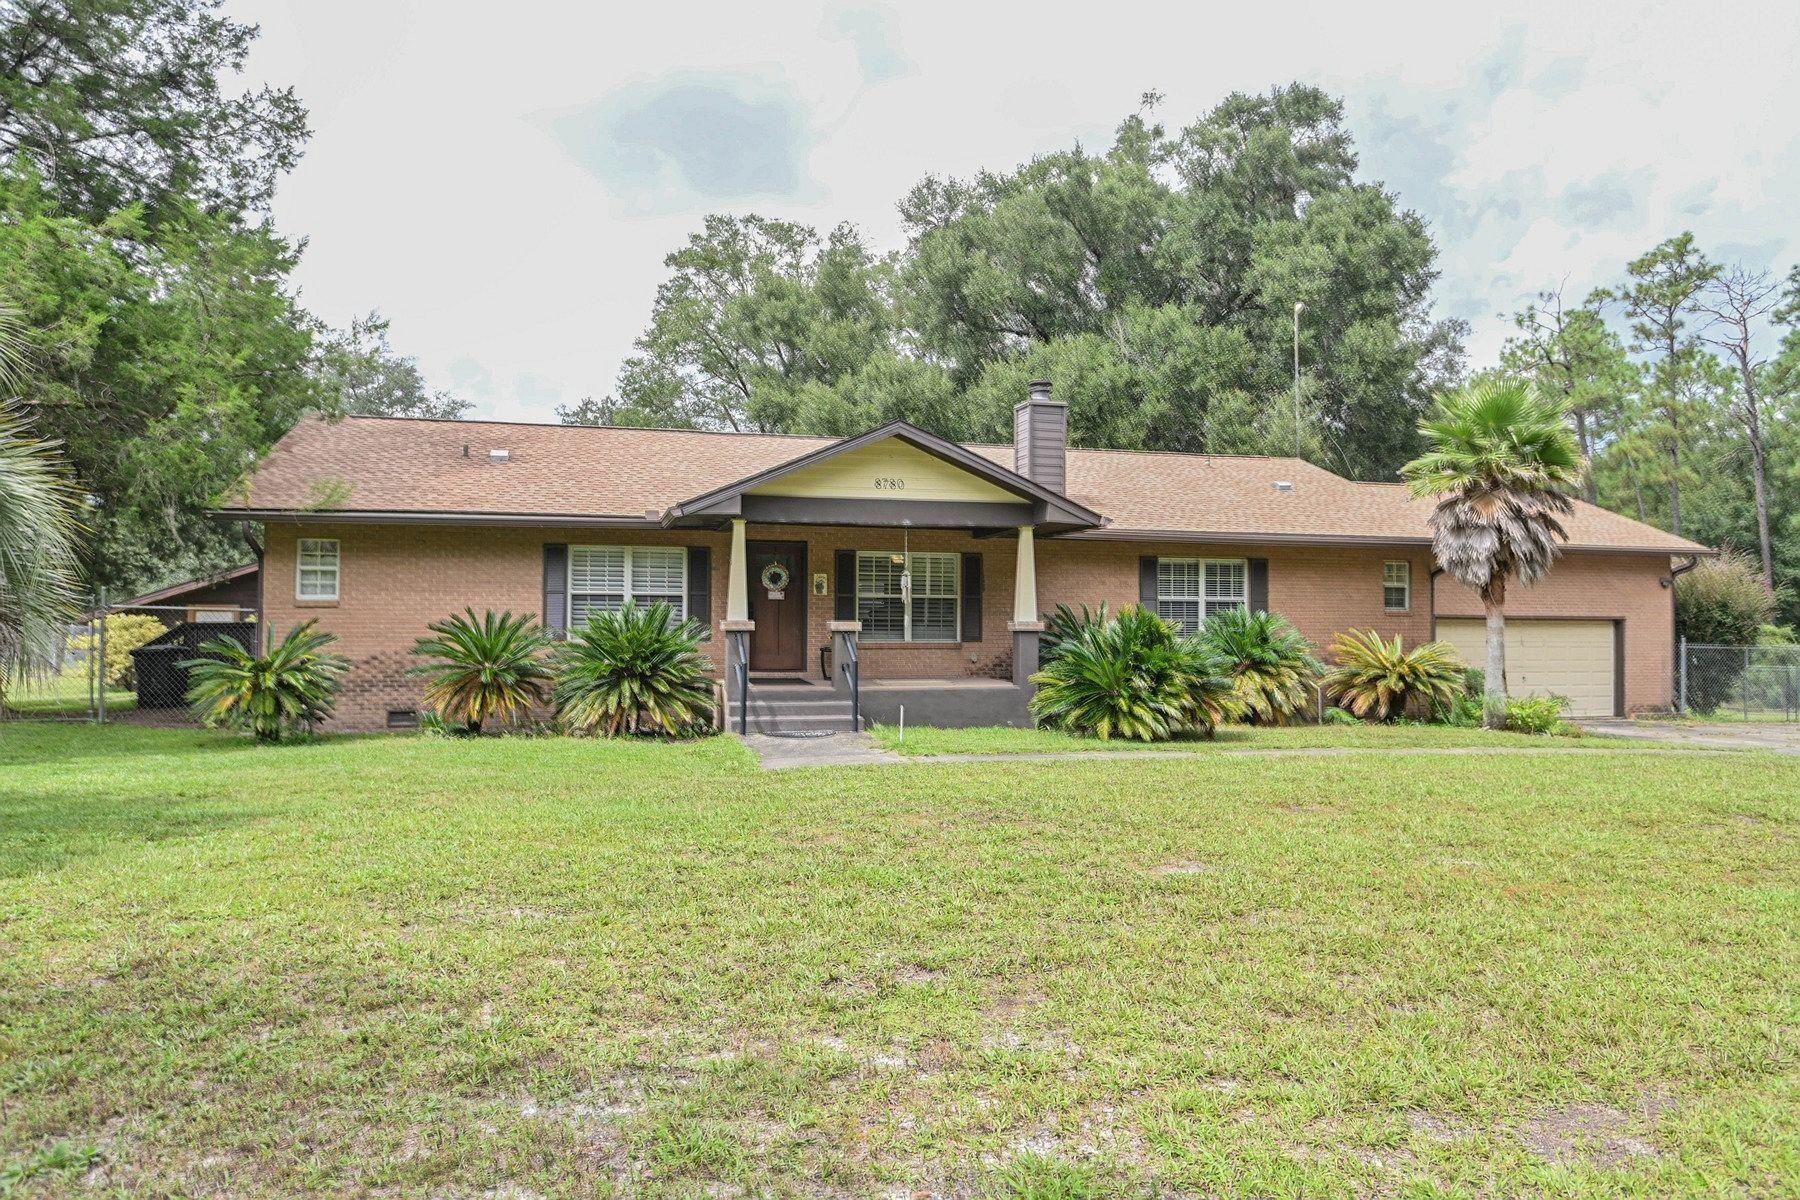 Photo of 8780 Bice Road, TALLAHASSEE, FL 32305 (MLS # 337585)